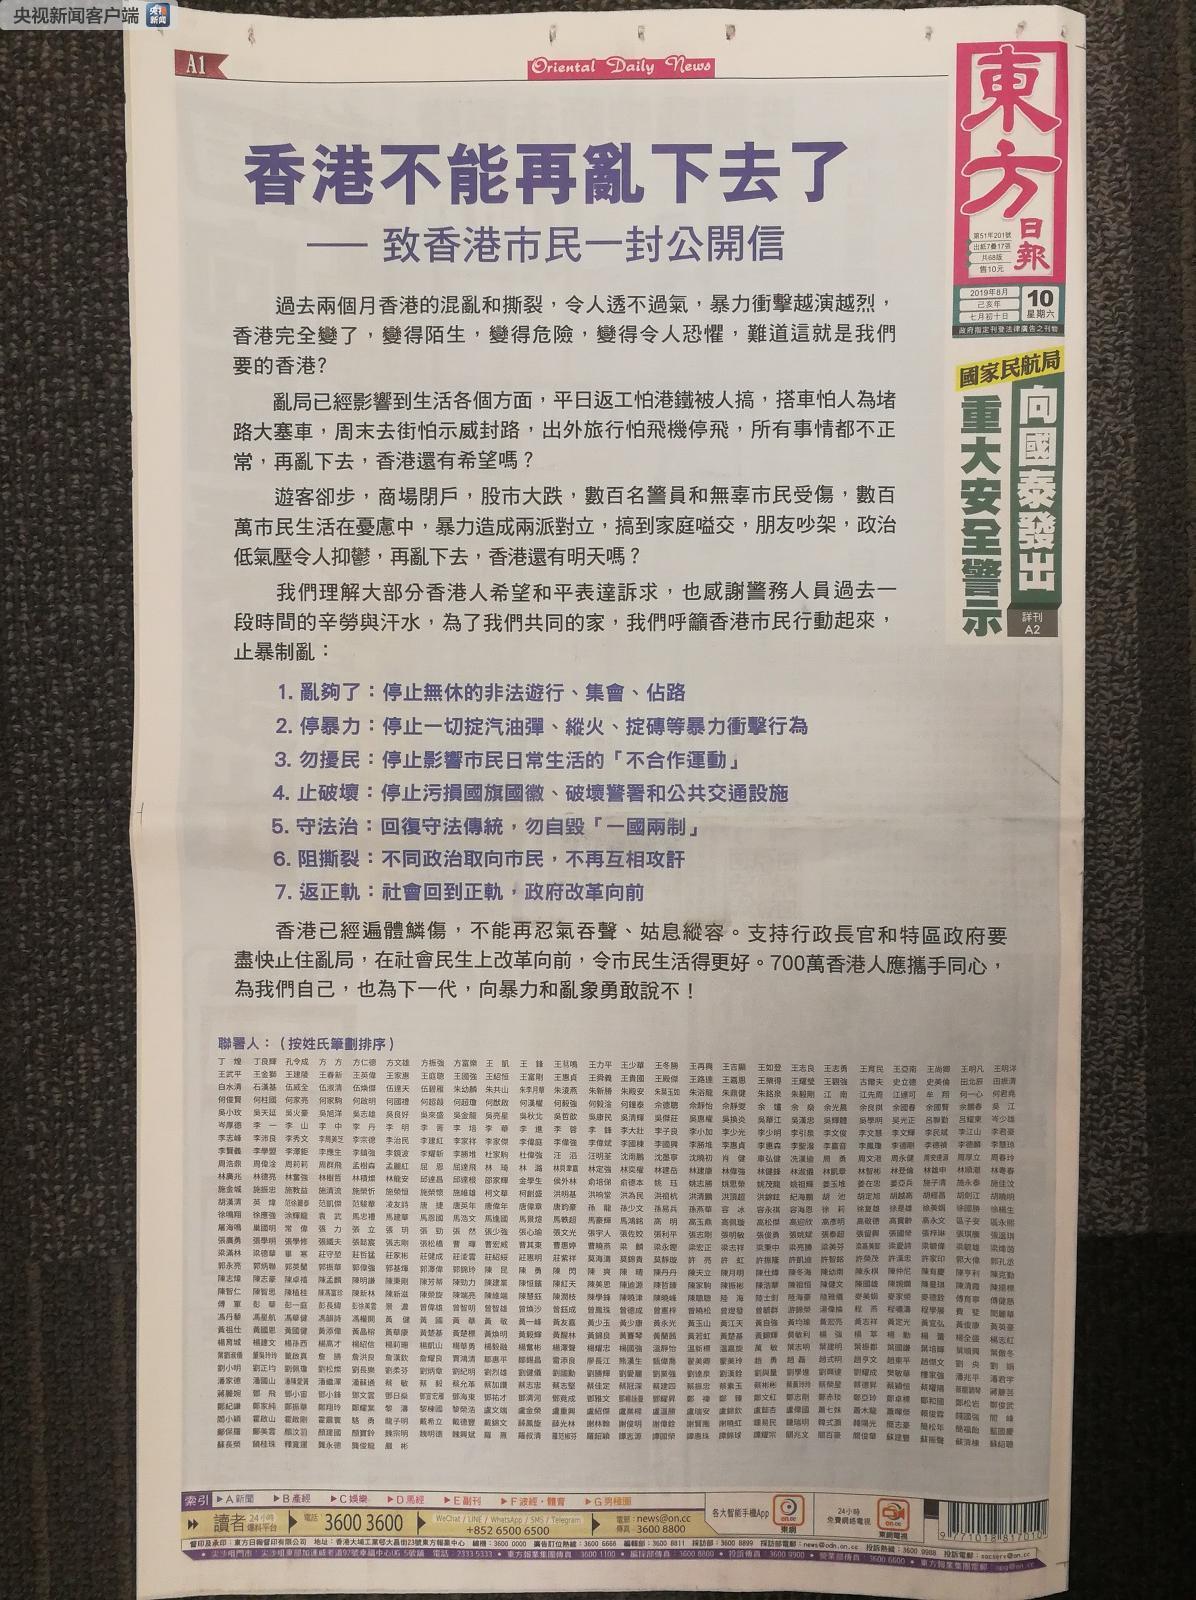 △ 《东方日报》刊登《香港不能再乱下去了》